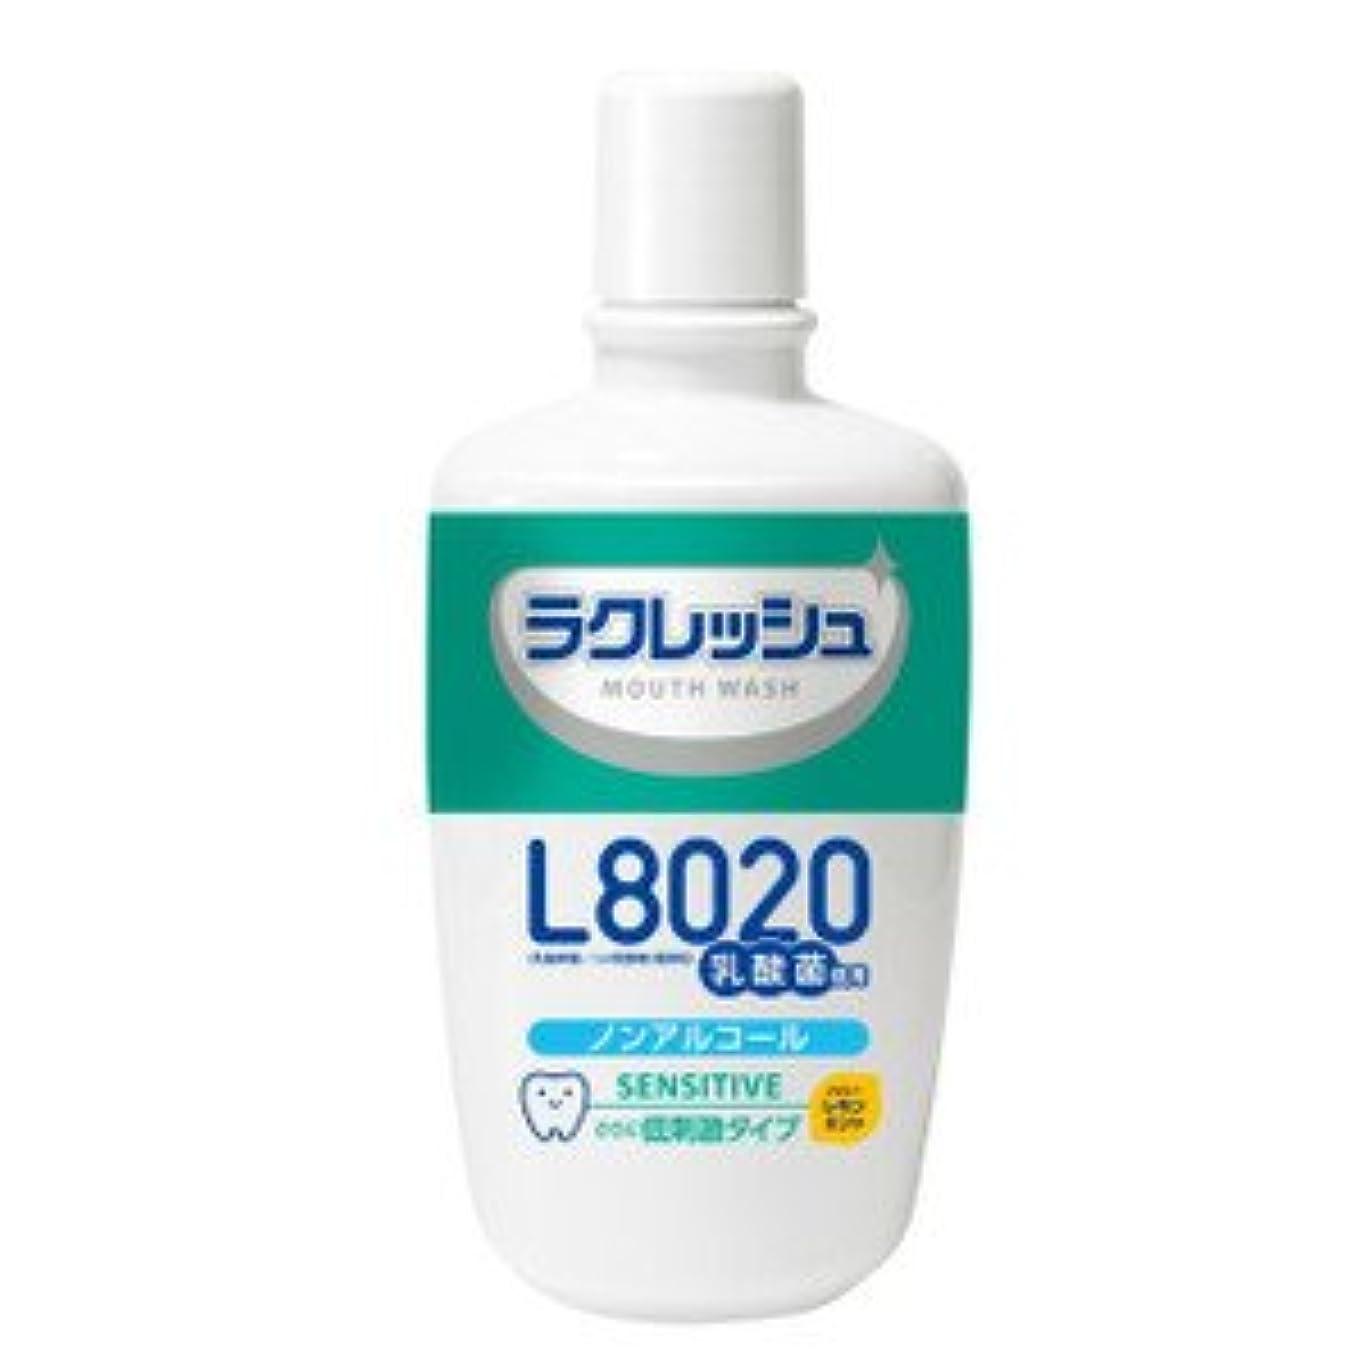 ジェクス ラクレッシュ L8020乳酸菌 マウスウォッシュ 洗口液センシティブタイプ 300ml×10個セット